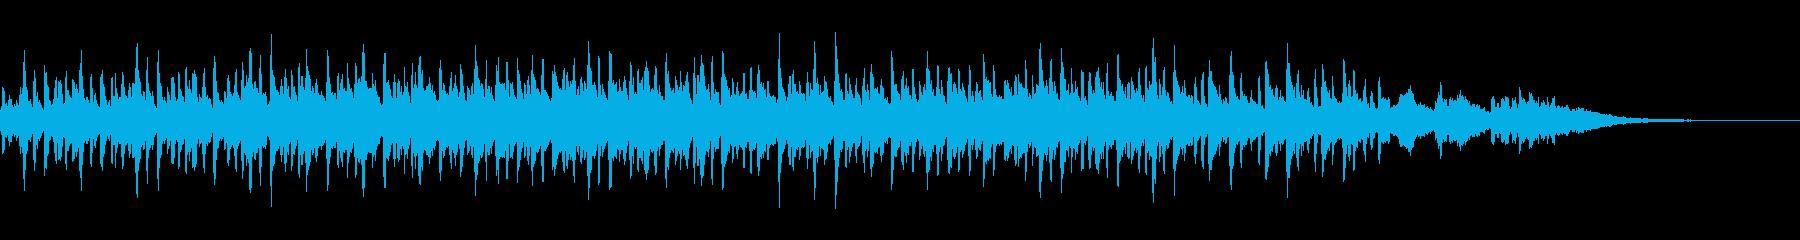 独特なリズムで響きが迫力あるメロディーの再生済みの波形